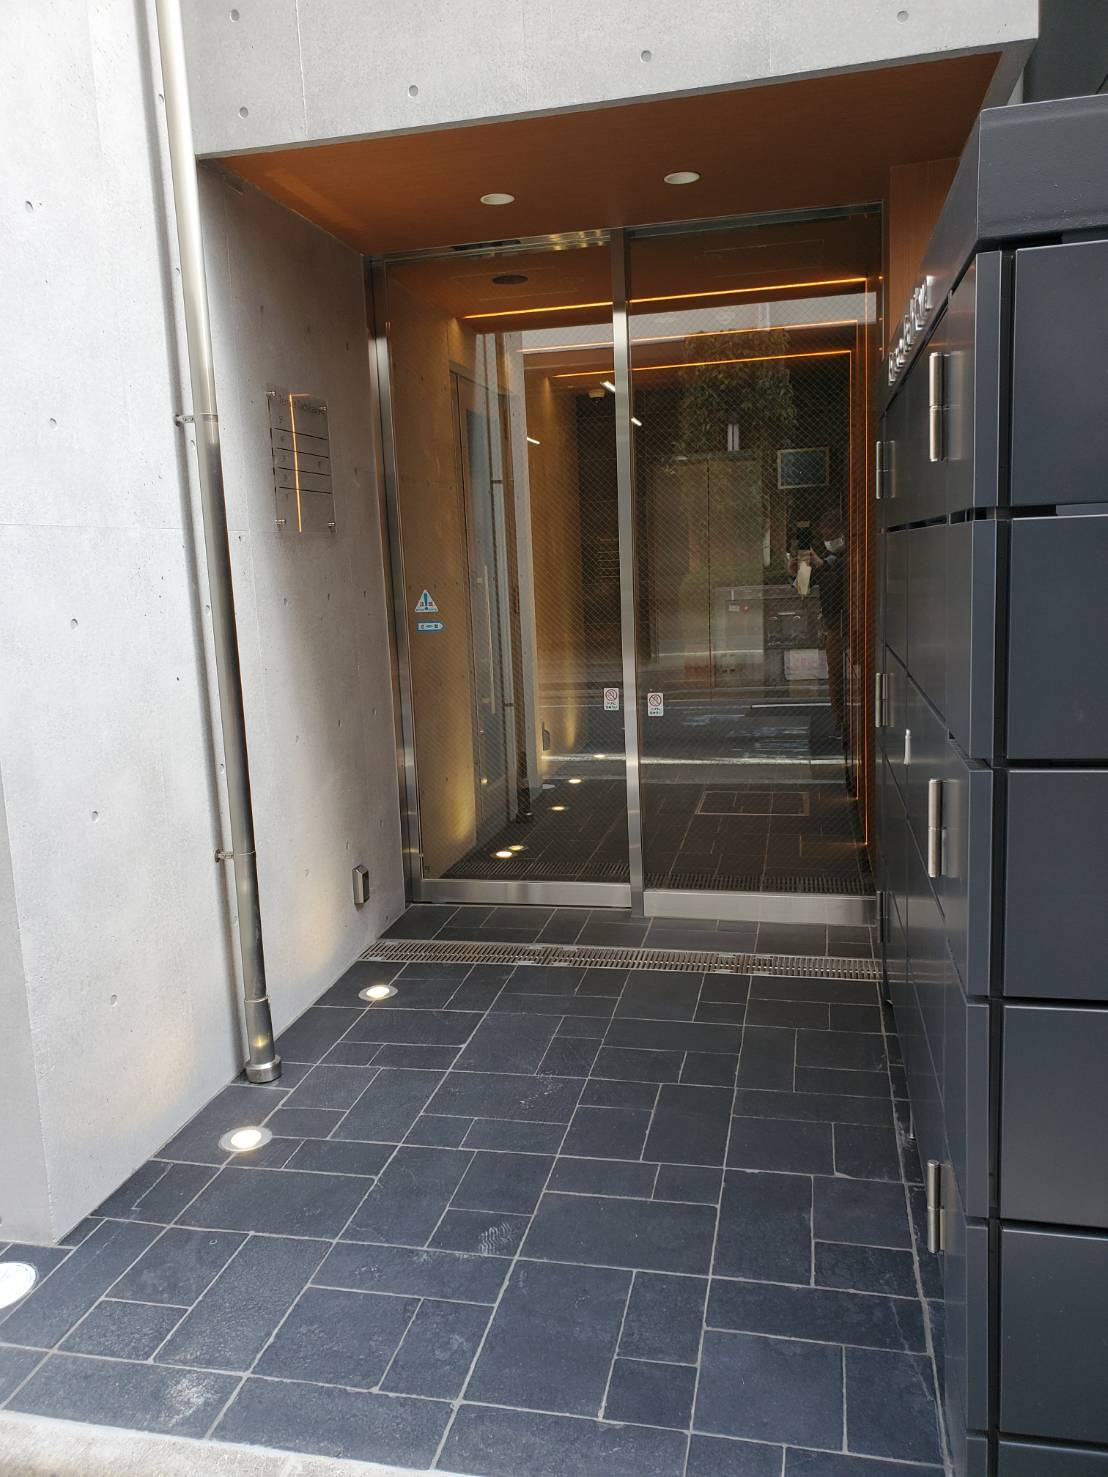 屋外高圧供給用配電盤 隠しパネル|東京都立川市某商業テナントビル